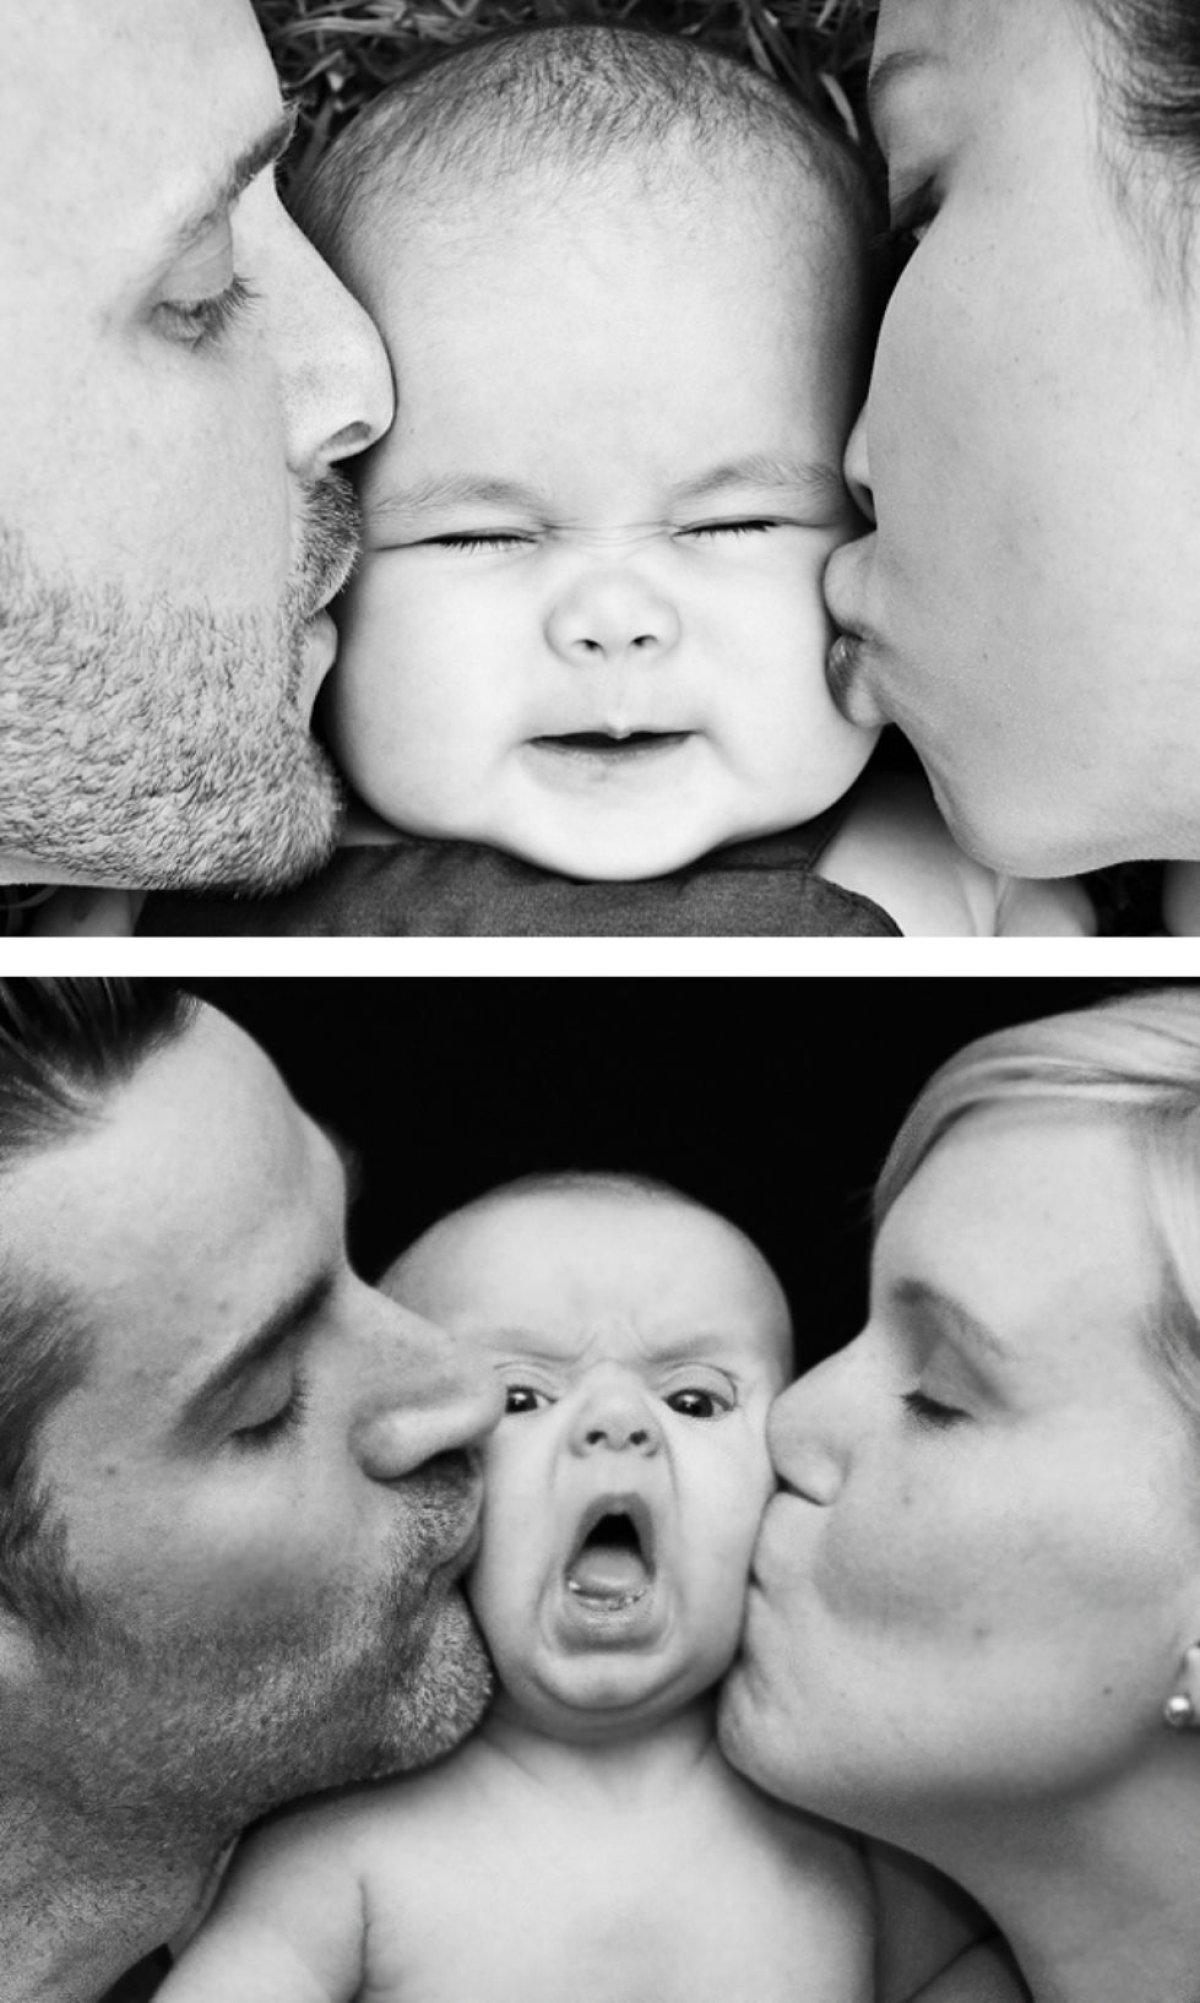 Bilderesultat for baby photo fails